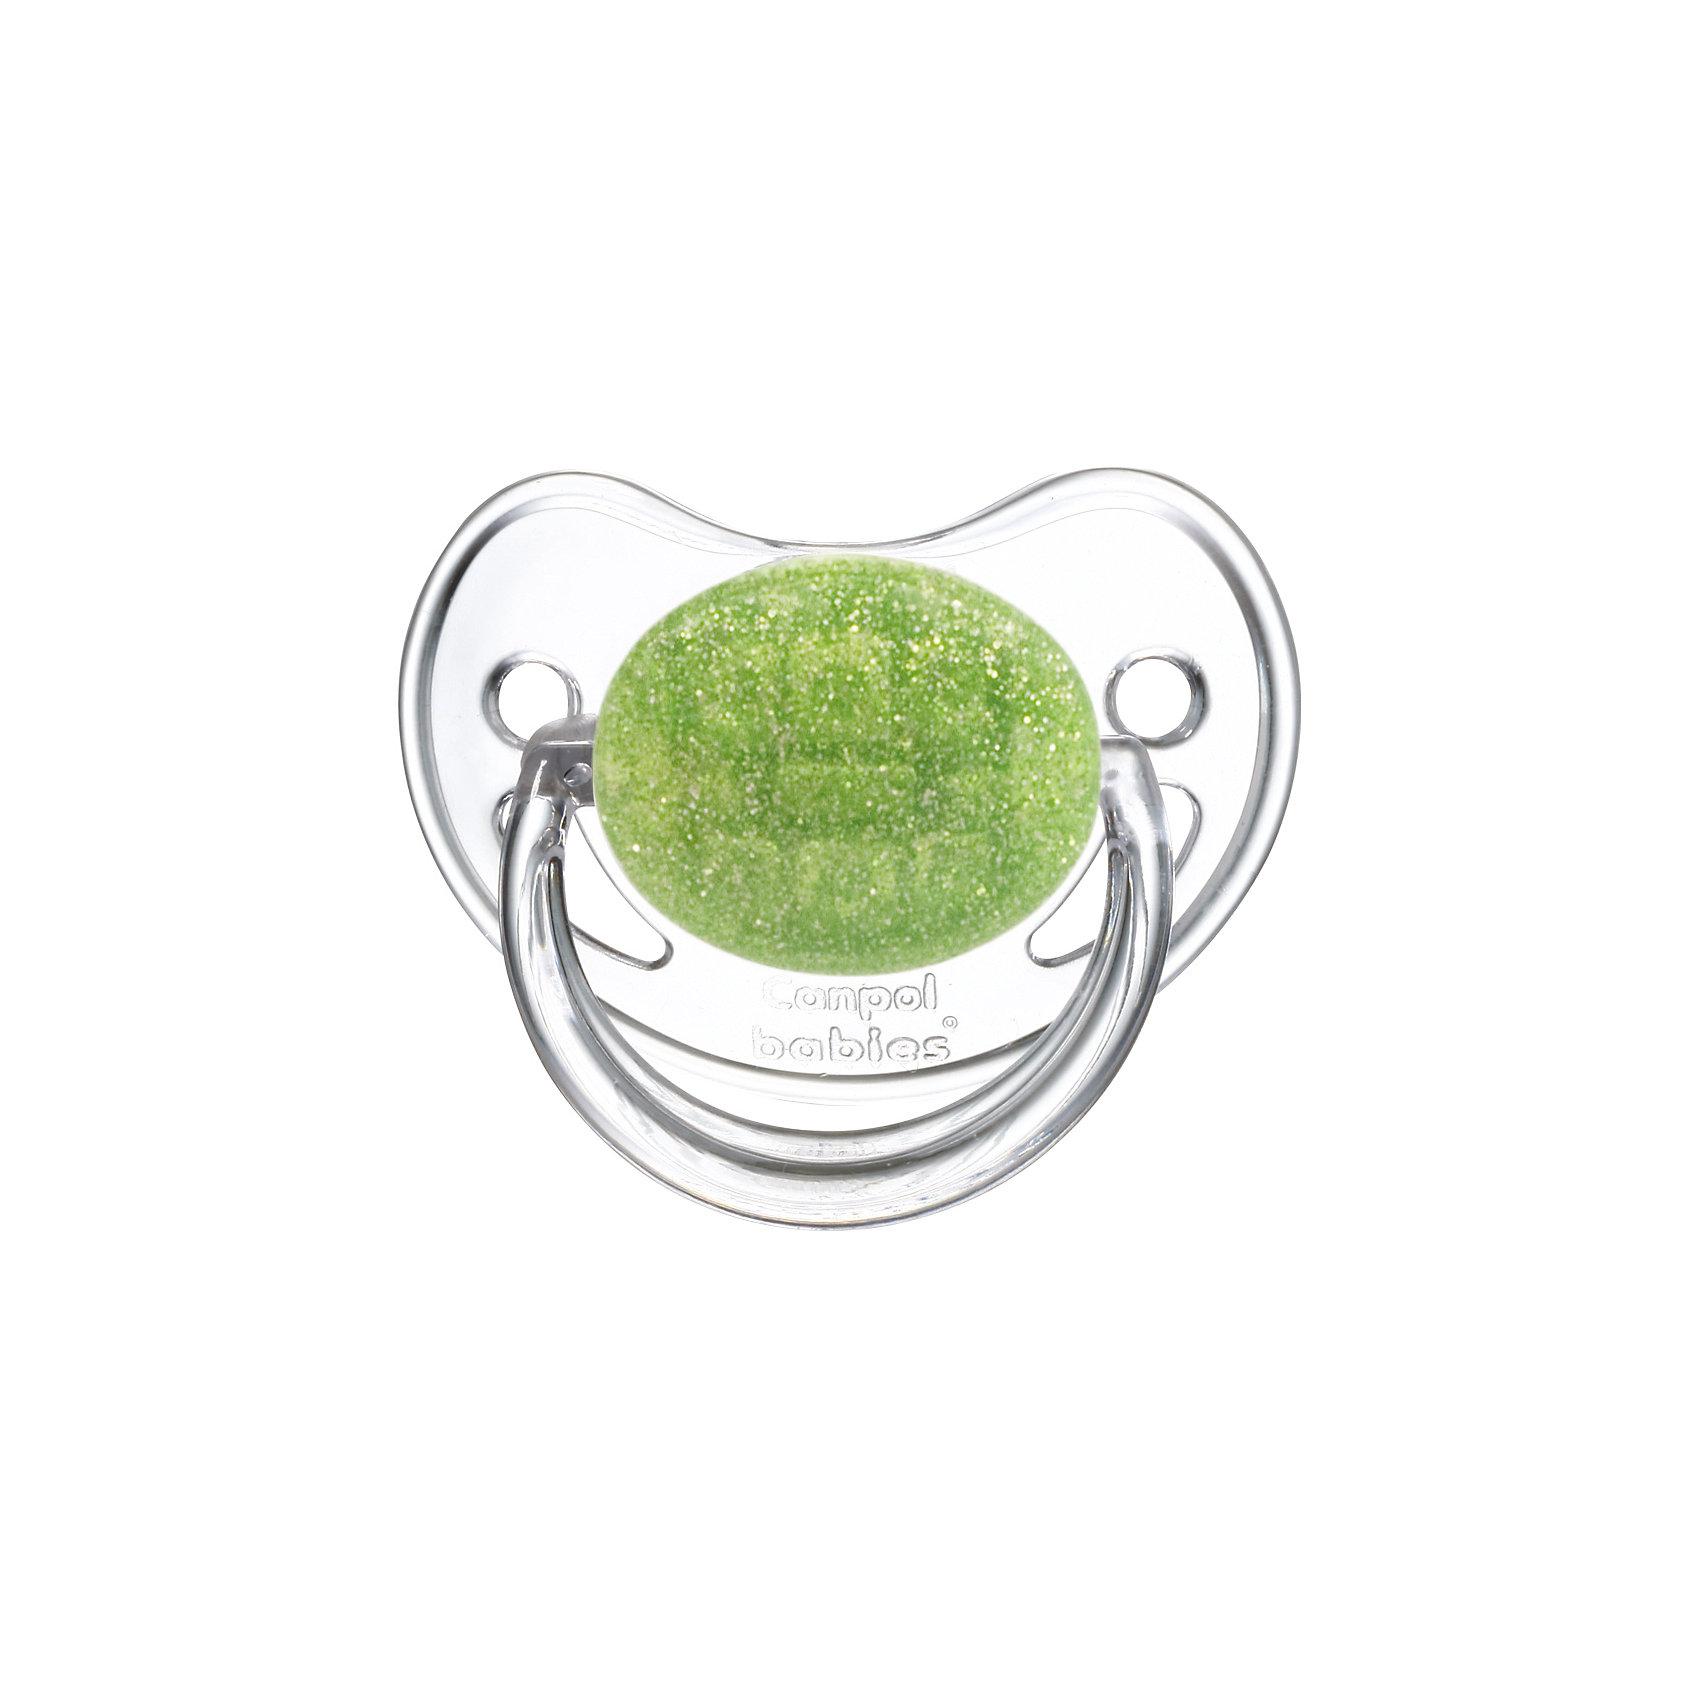 Пустышка круглая латексная, 0-6 Moonlight, Canpol Babies, зеленыйХарактеристики:<br><br>• Наименование: пустышка<br>• Пол: для девочки<br>• Материал: латекс, пластик<br>• Цвет: белый, зеленый<br>• Форма: круглая<br>• Наличие отверстий для вентиляции<br>• Наличие кольца для держателя<br>• Особенности ухода: регулярная стерилизация и своевременная замена<br><br>Пустышка круглая латексная, 0-6 Moonlight, Canpol Babies, зеленый имеет специальную форму, которая обеспечивает правильное давление на небо. Изготовлена из качественных и безопасных материалов. При правильном уходе обеспечивает длительное использование. У соски имеется ограничитель классической круглой формы с отверстиями для вентиляции и кольцо для держателя. Пустышка круглая латексная, 0-6 Moonlight, Canpol Babies, зеленый выполнена в стильном дизайне с эффектом серебристо-зеленого мерцания.<br><br>Пустышку круглую латексную, 0-6 Moonlight, Canpol Babies, зеленую можно купить в нашем интернет-магазине.<br><br>Ширина мм: 95<br>Глубина мм: 45<br>Высота мм: 155<br>Вес г: 110<br>Возраст от месяцев: 0<br>Возраст до месяцев: 6<br>Пол: Женский<br>Возраст: Детский<br>SKU: 5156632